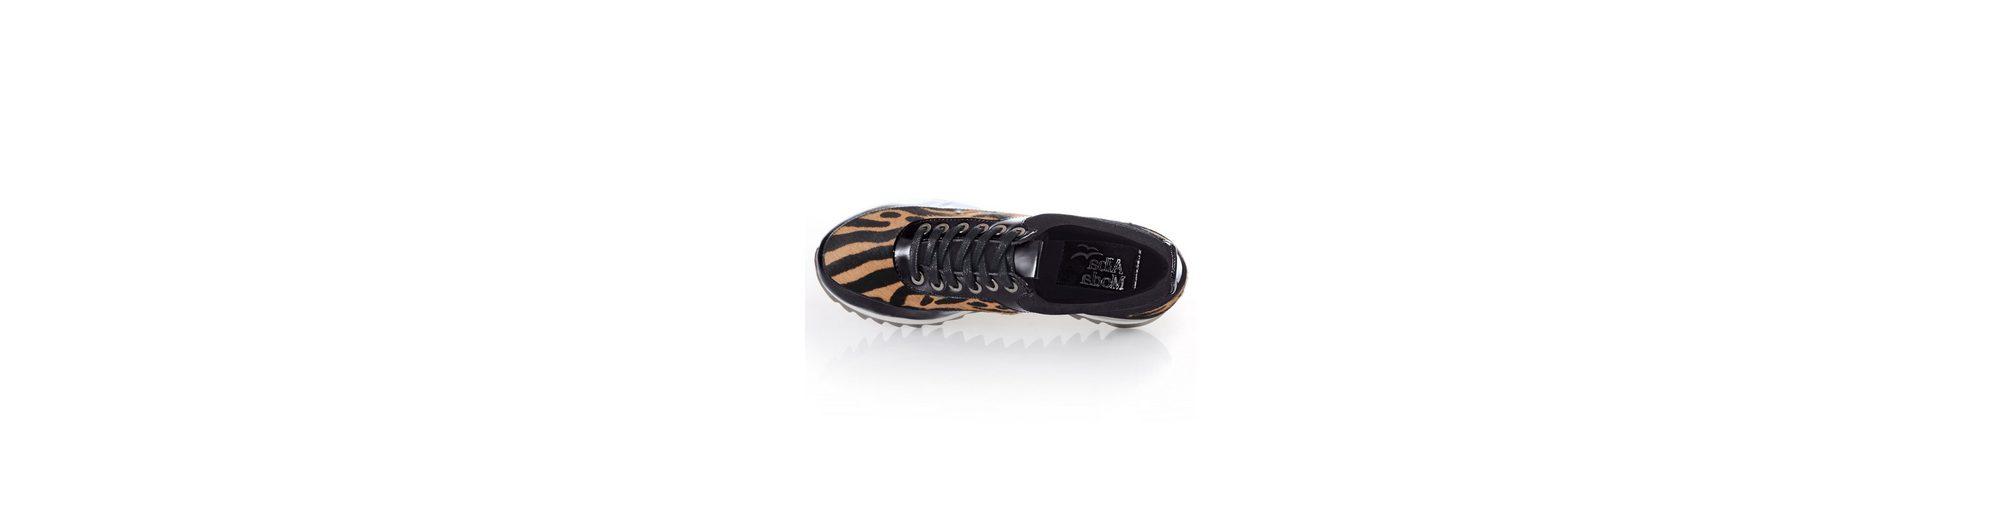 Alba Moda Sneaker im Leopardenfell-Muster Modestil Bester Verkauf 100% Original Online-Verkauf z7Ag7cGk4